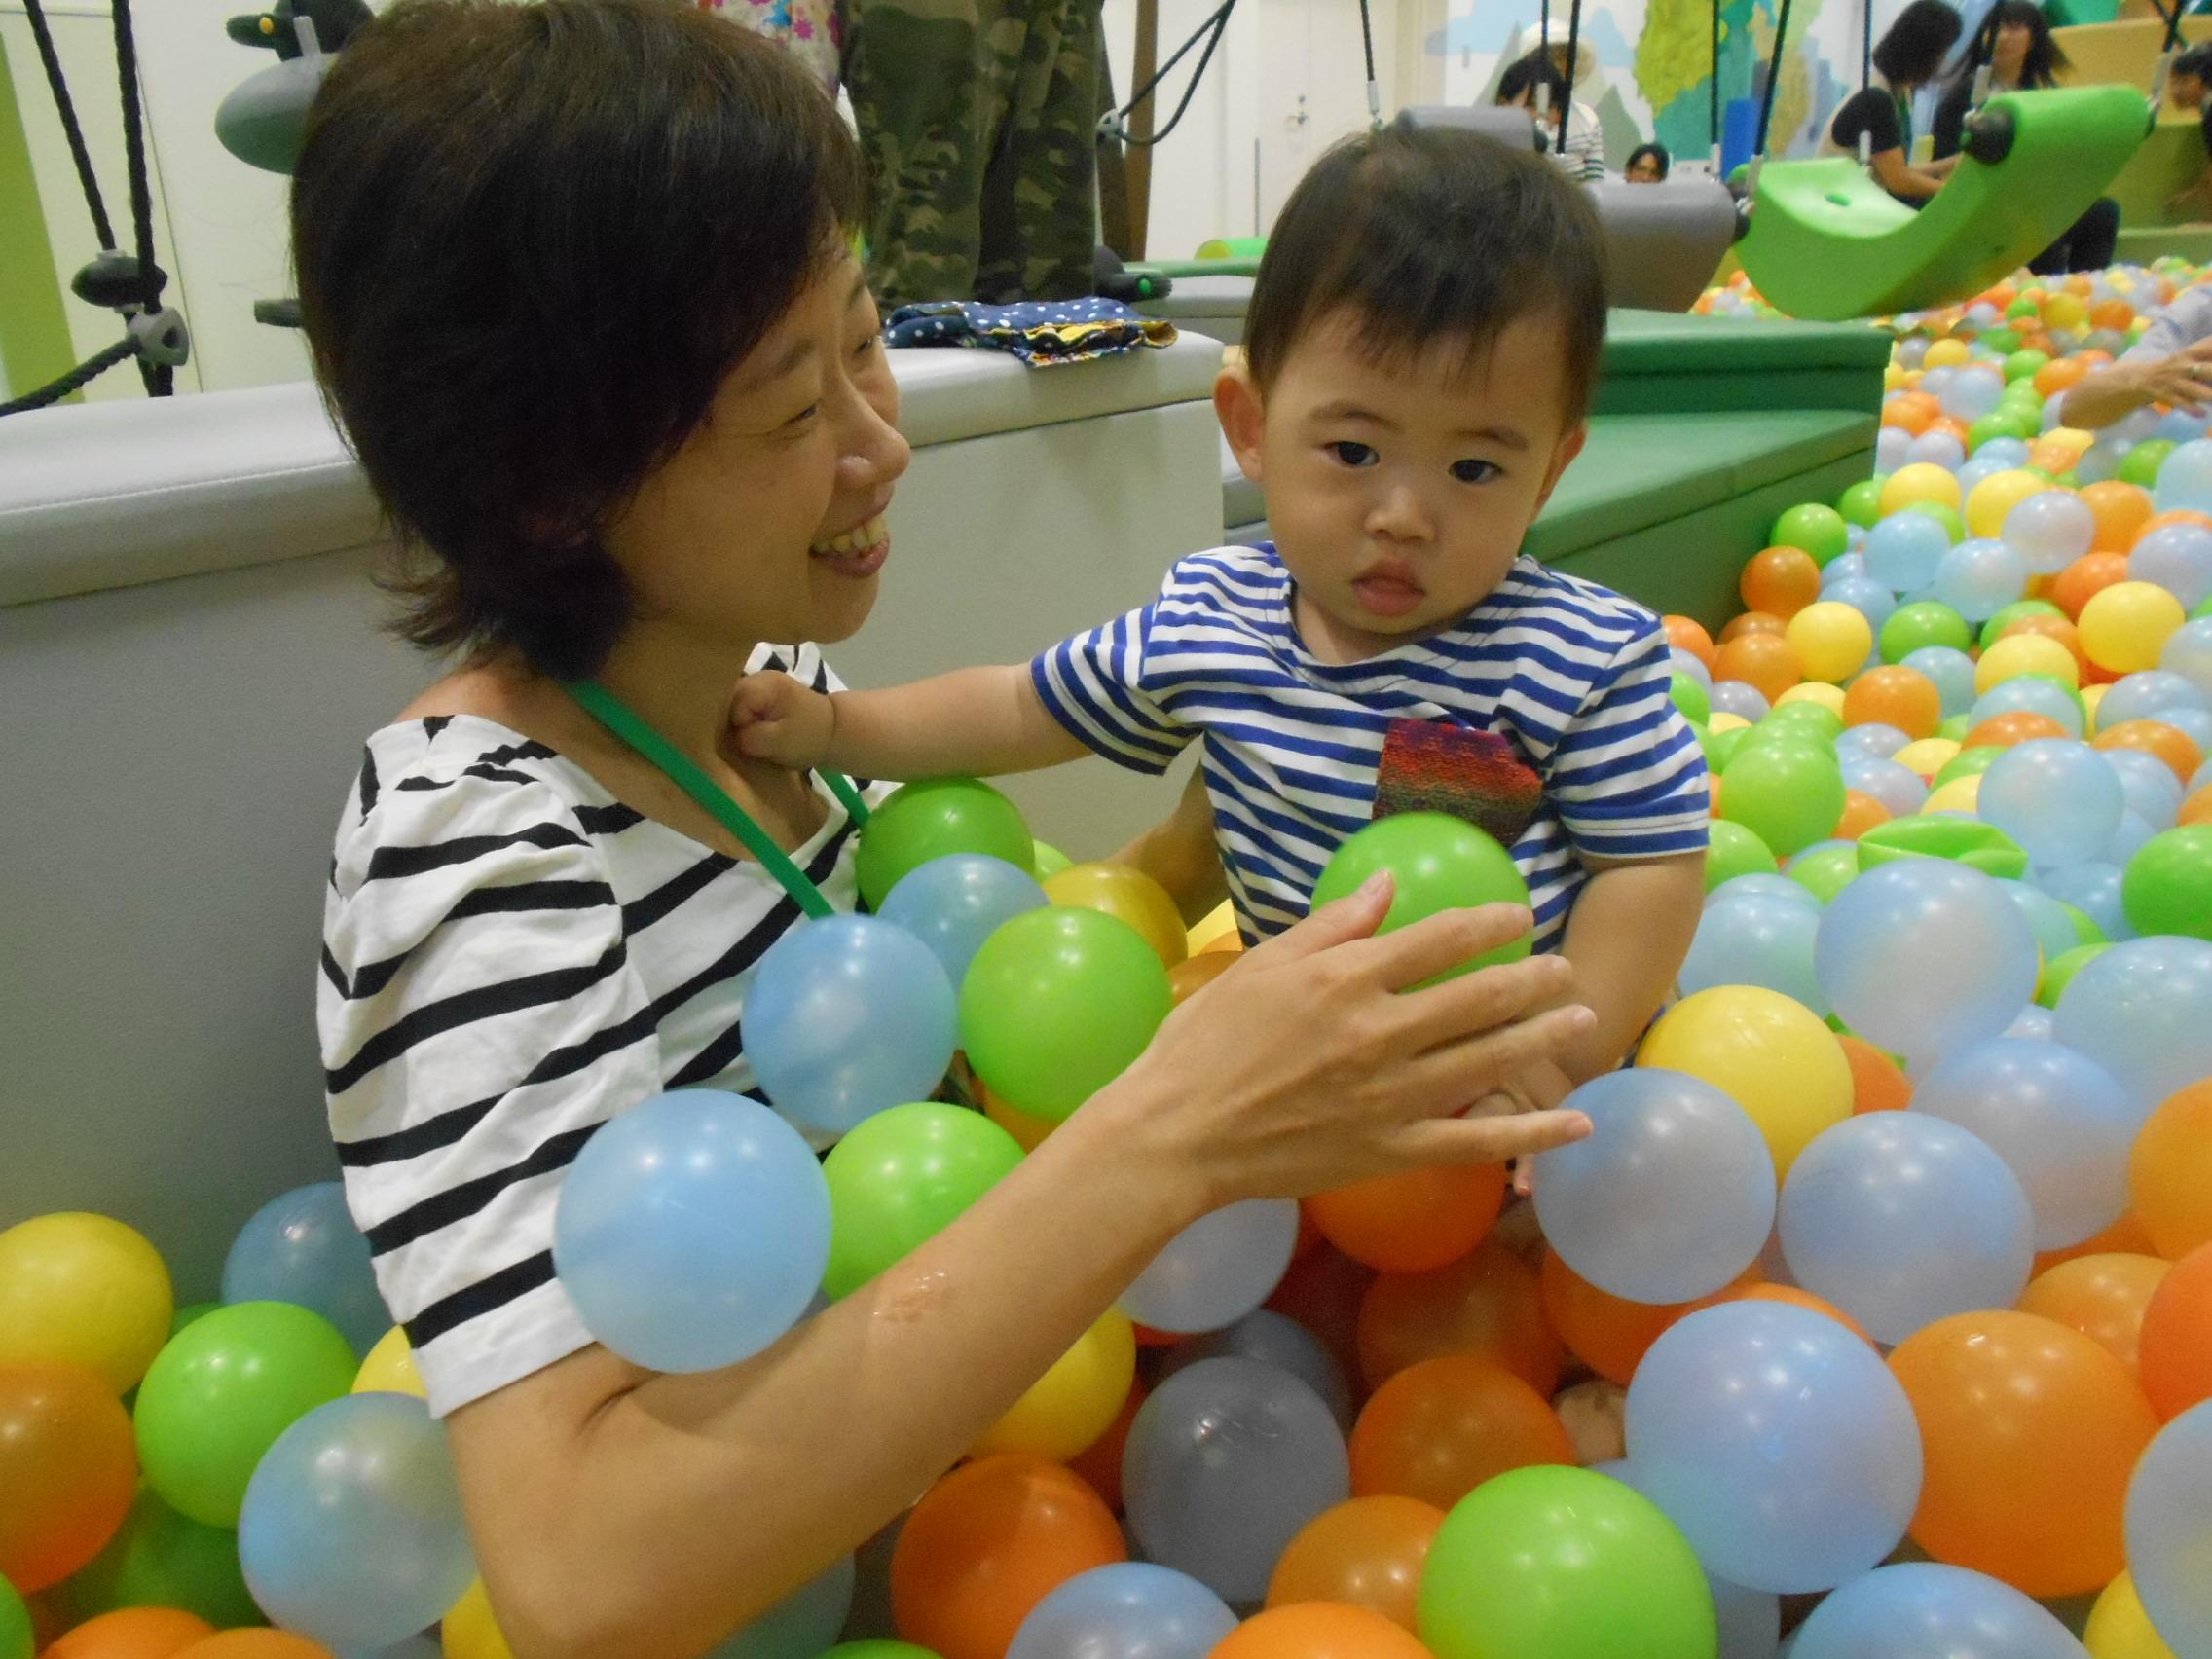 8月23日赤ちゃんの日イベント開催のお知らせ